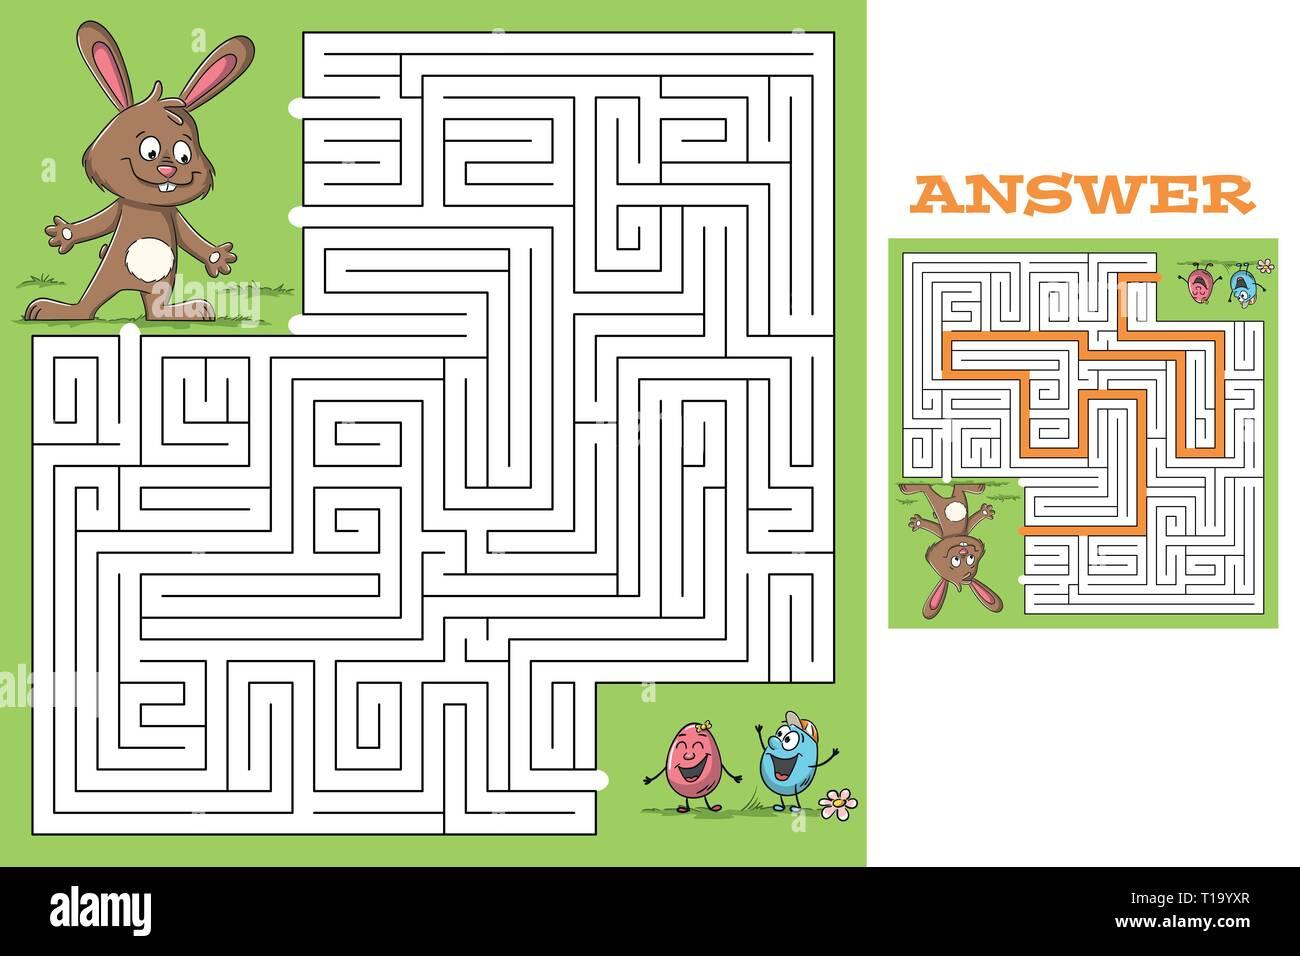 Cartoon Ostern Spiel Puzzle mit Lösung. Vector Illustration mit separaten Ebenen. Stock Vektor